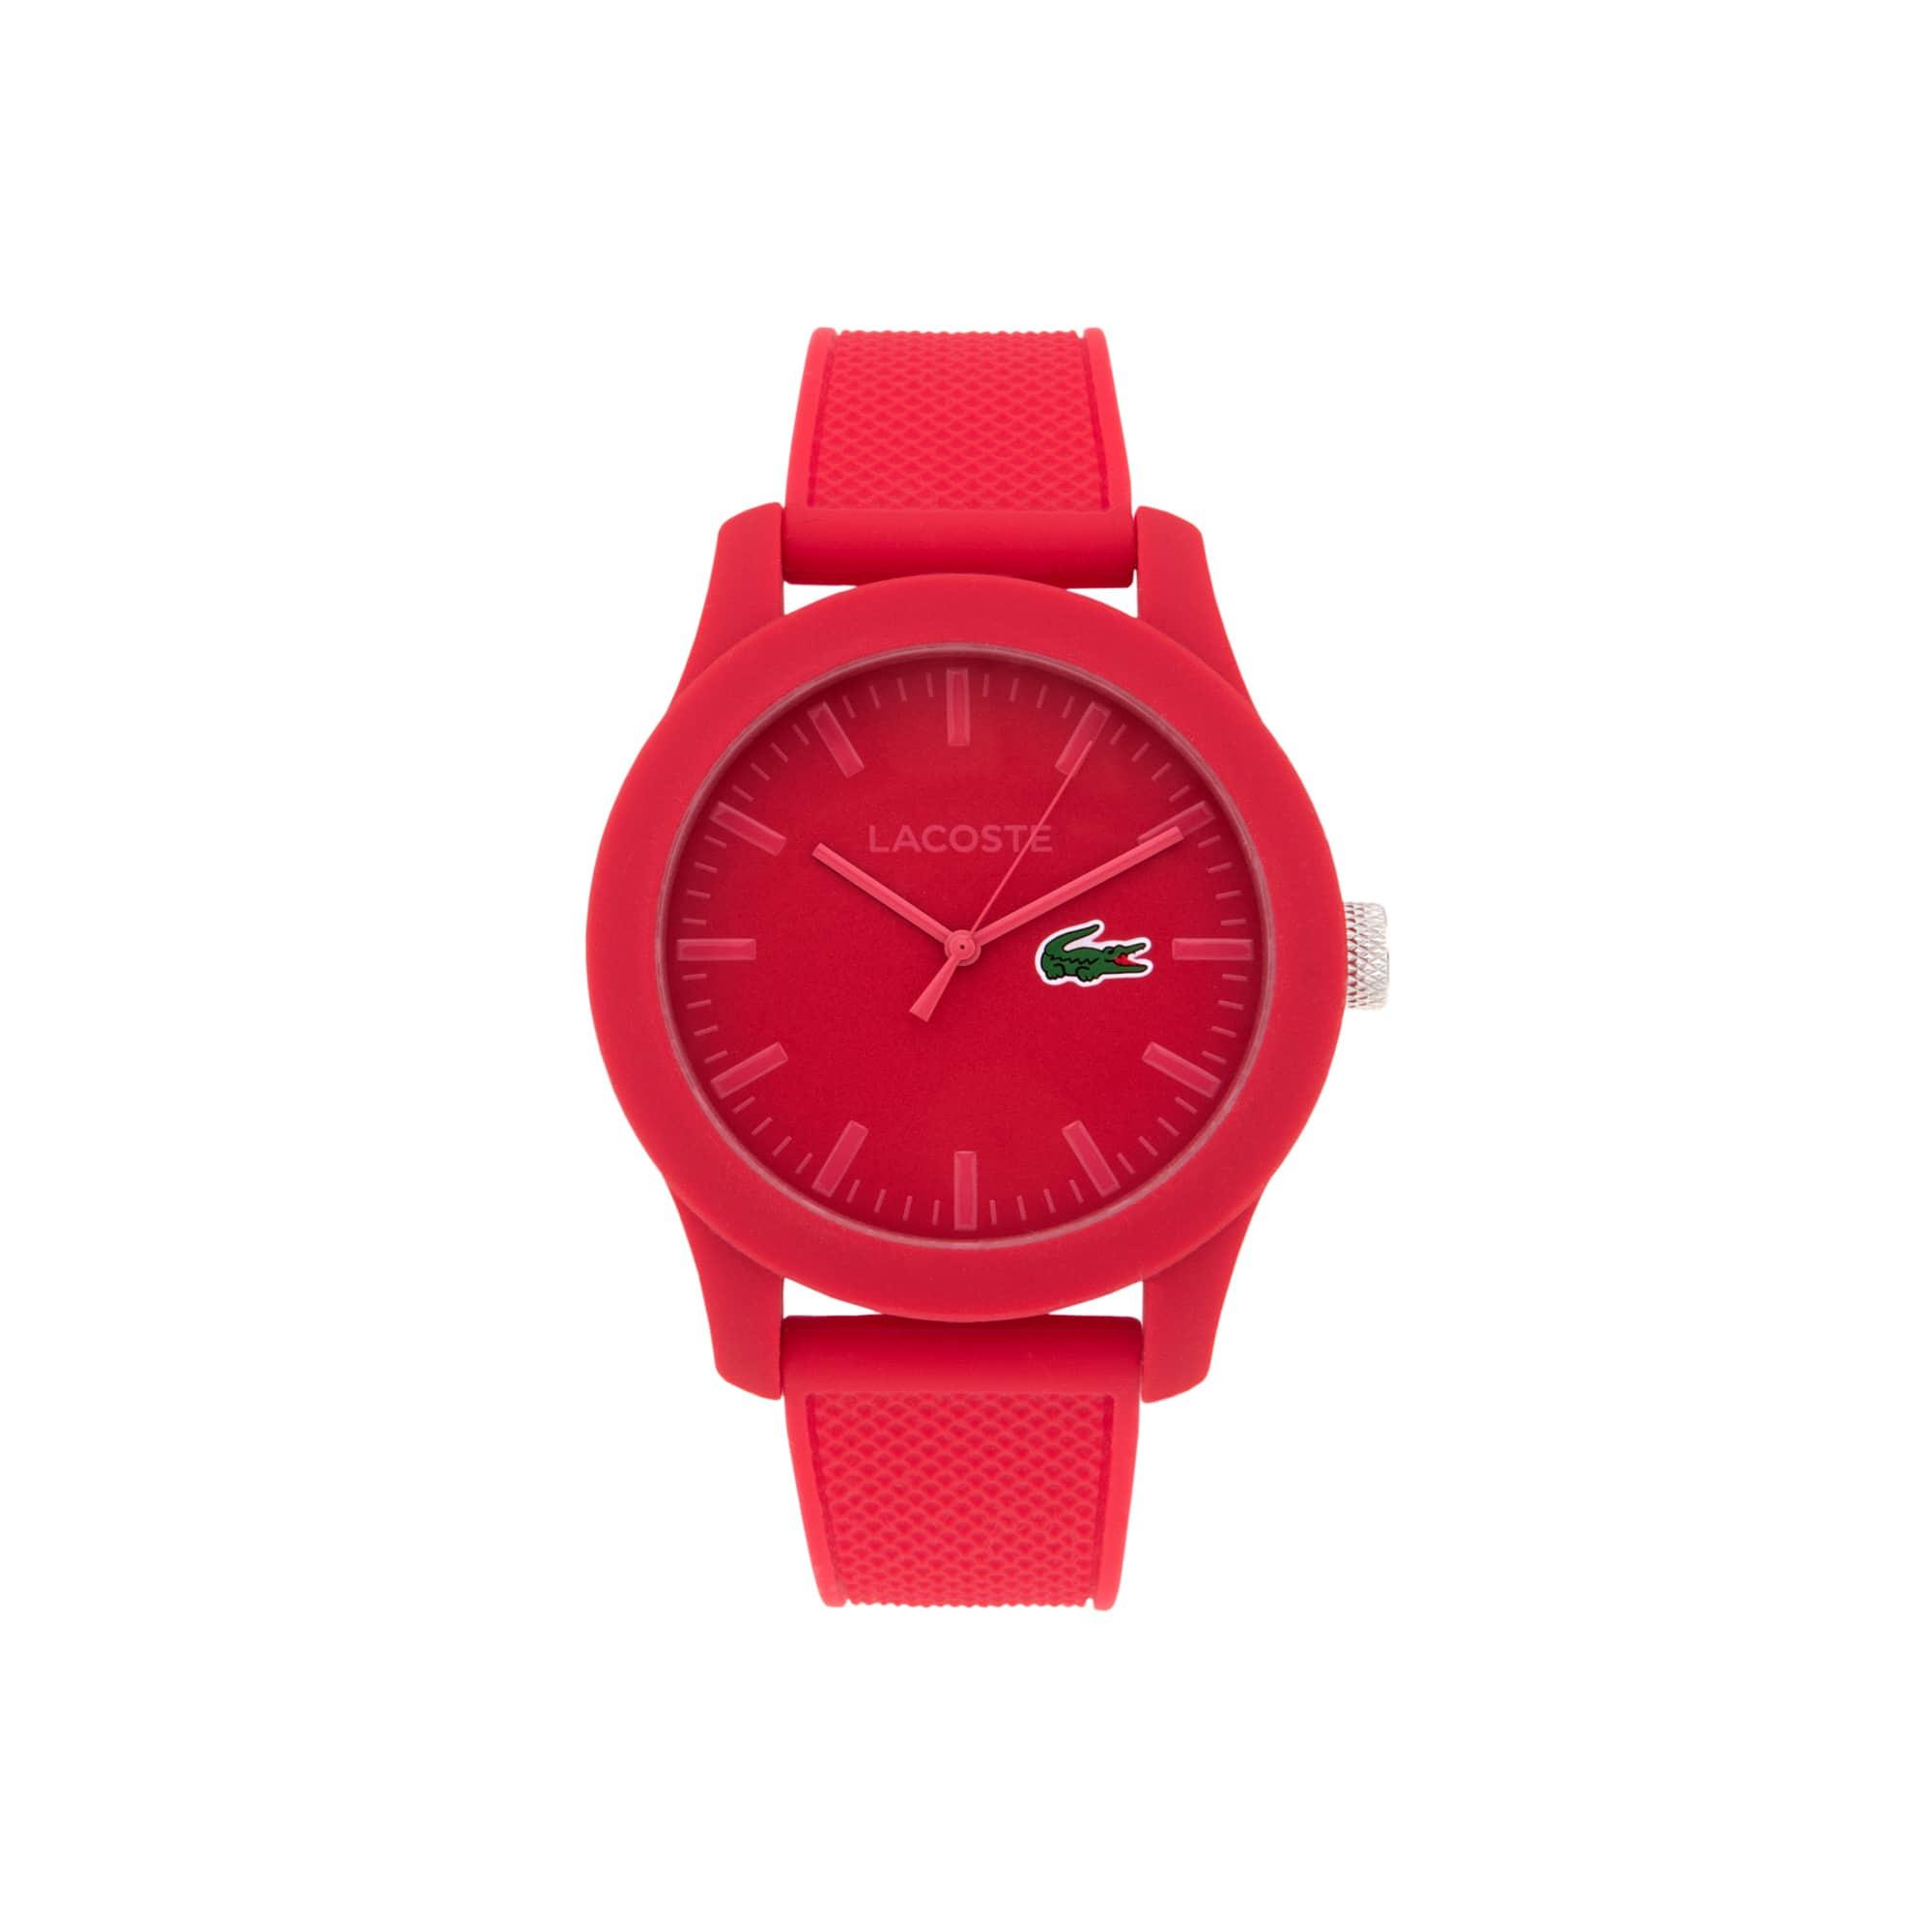 Relógio Lacoste 12.12 Homem com Bracelete em Silicone Vermelho